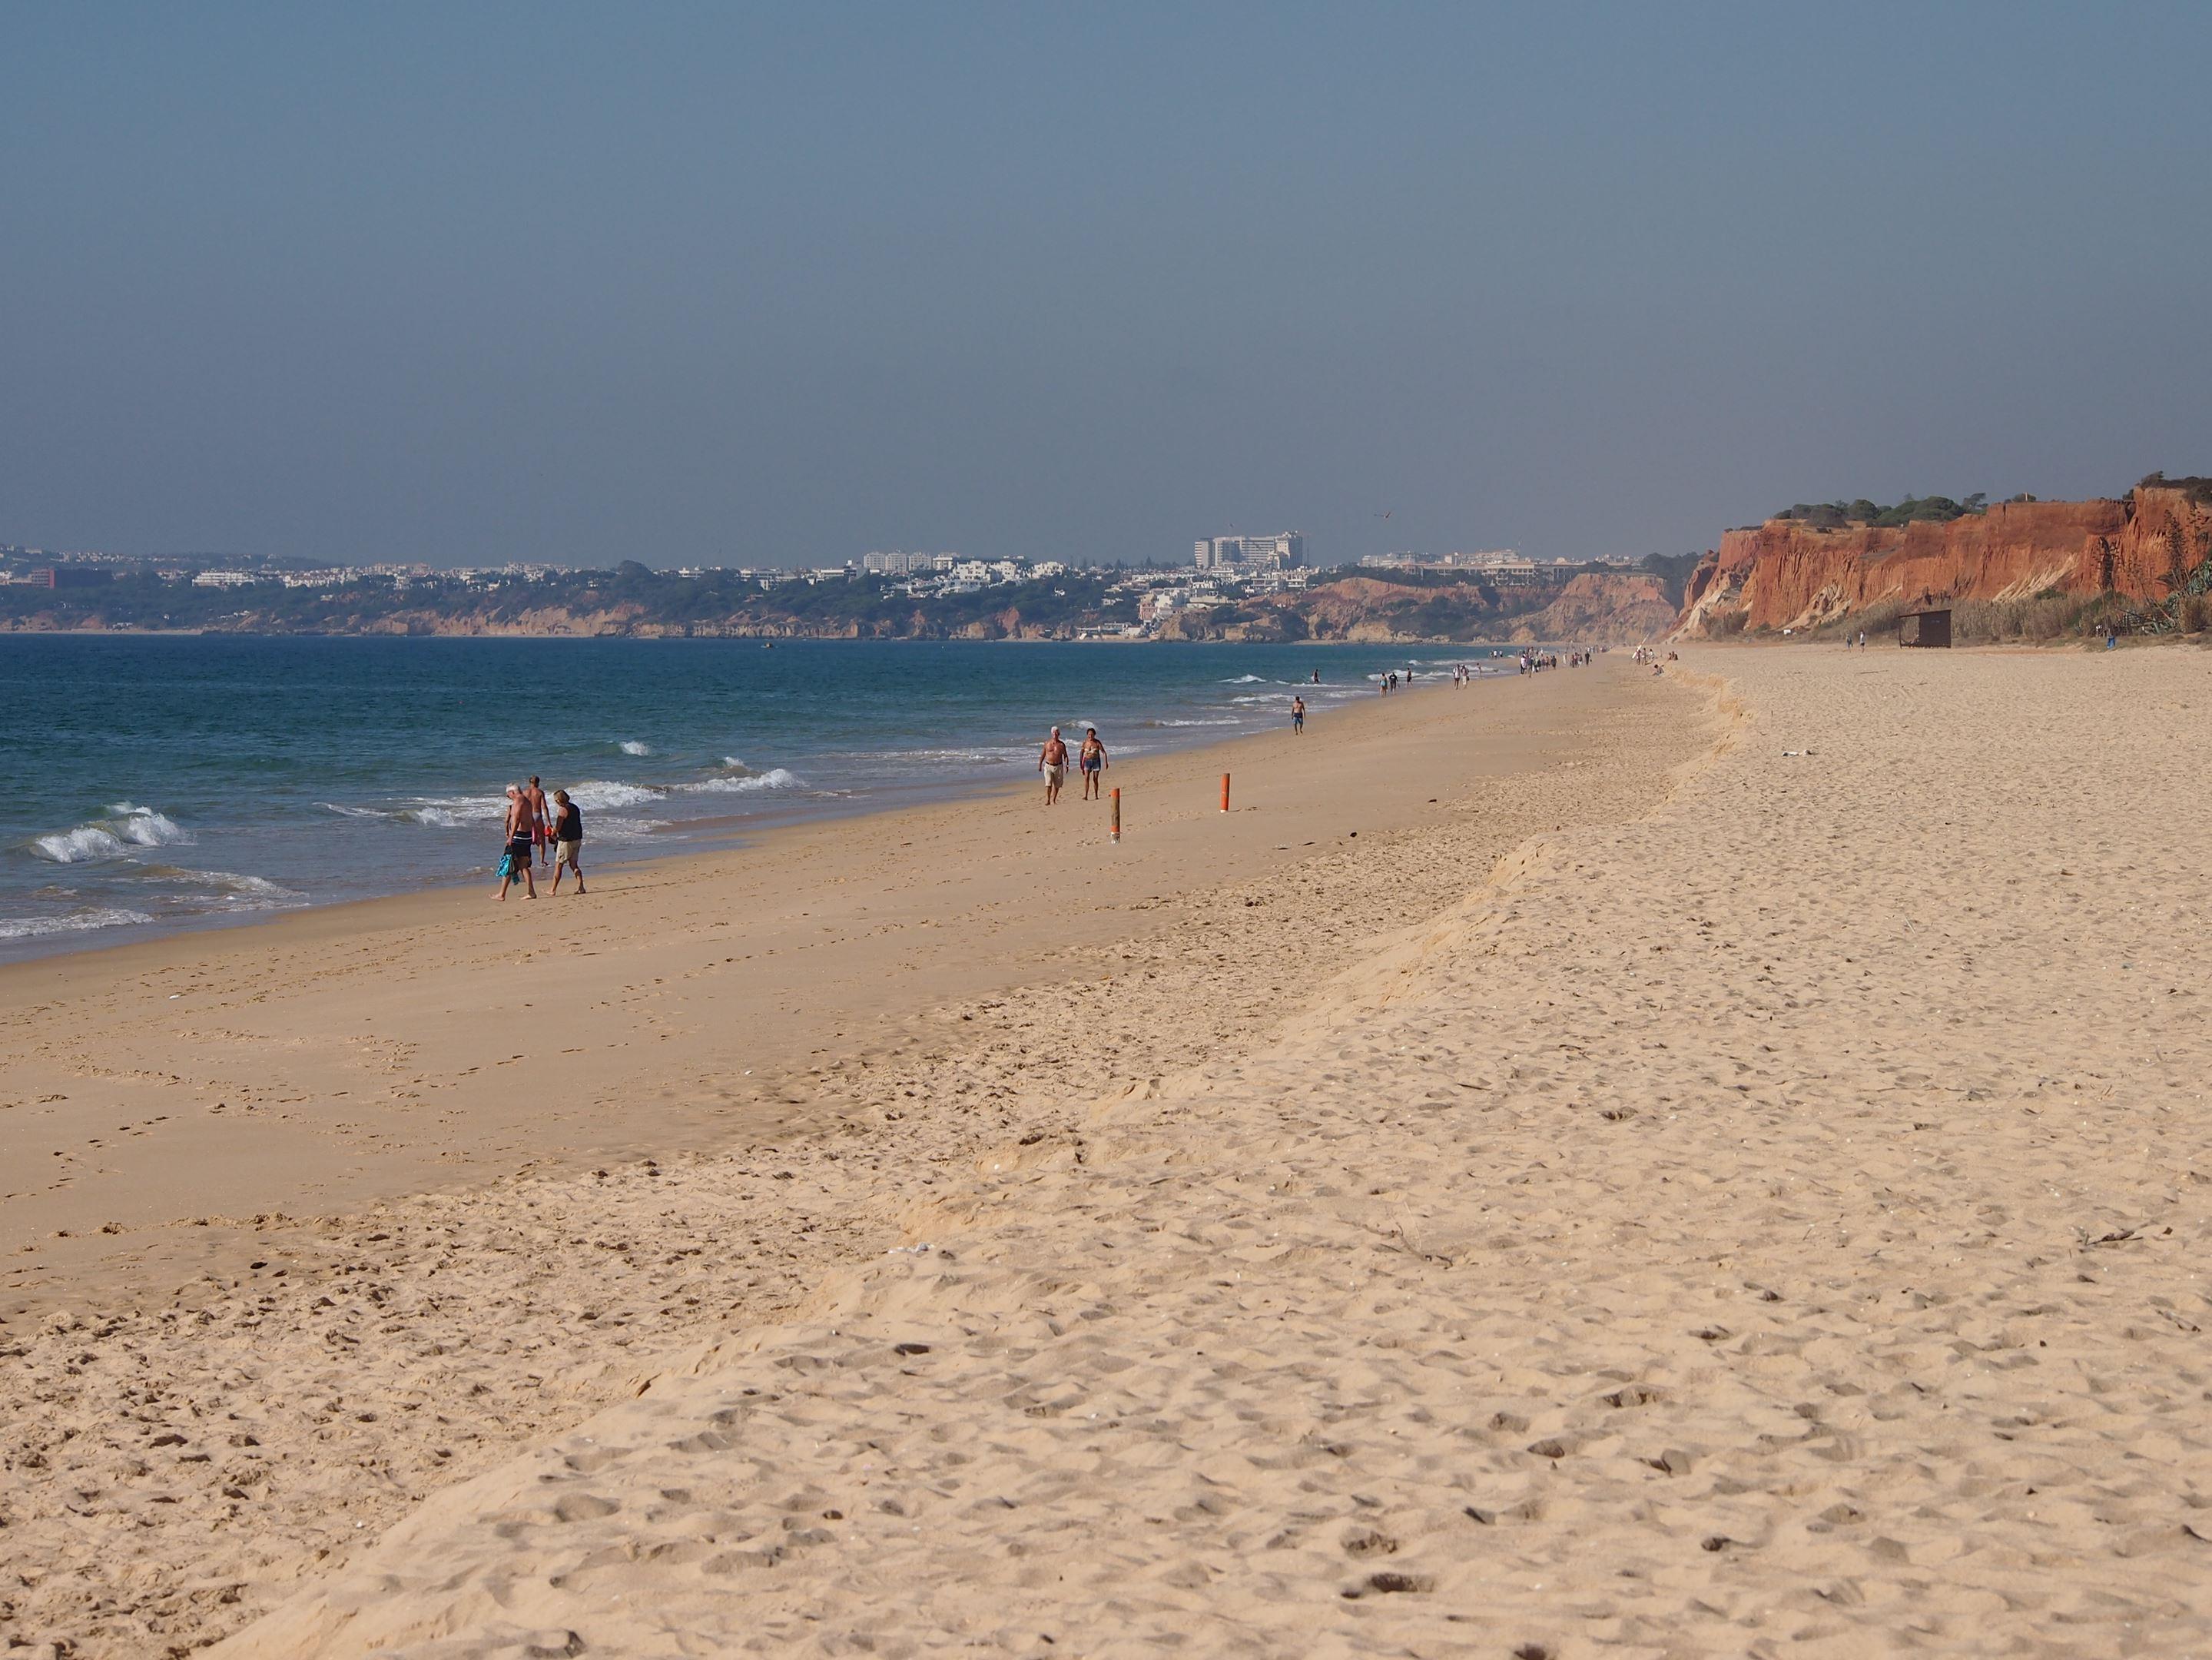 Plage de Falesia, Vilamoura. Praia signifie plage en portugais